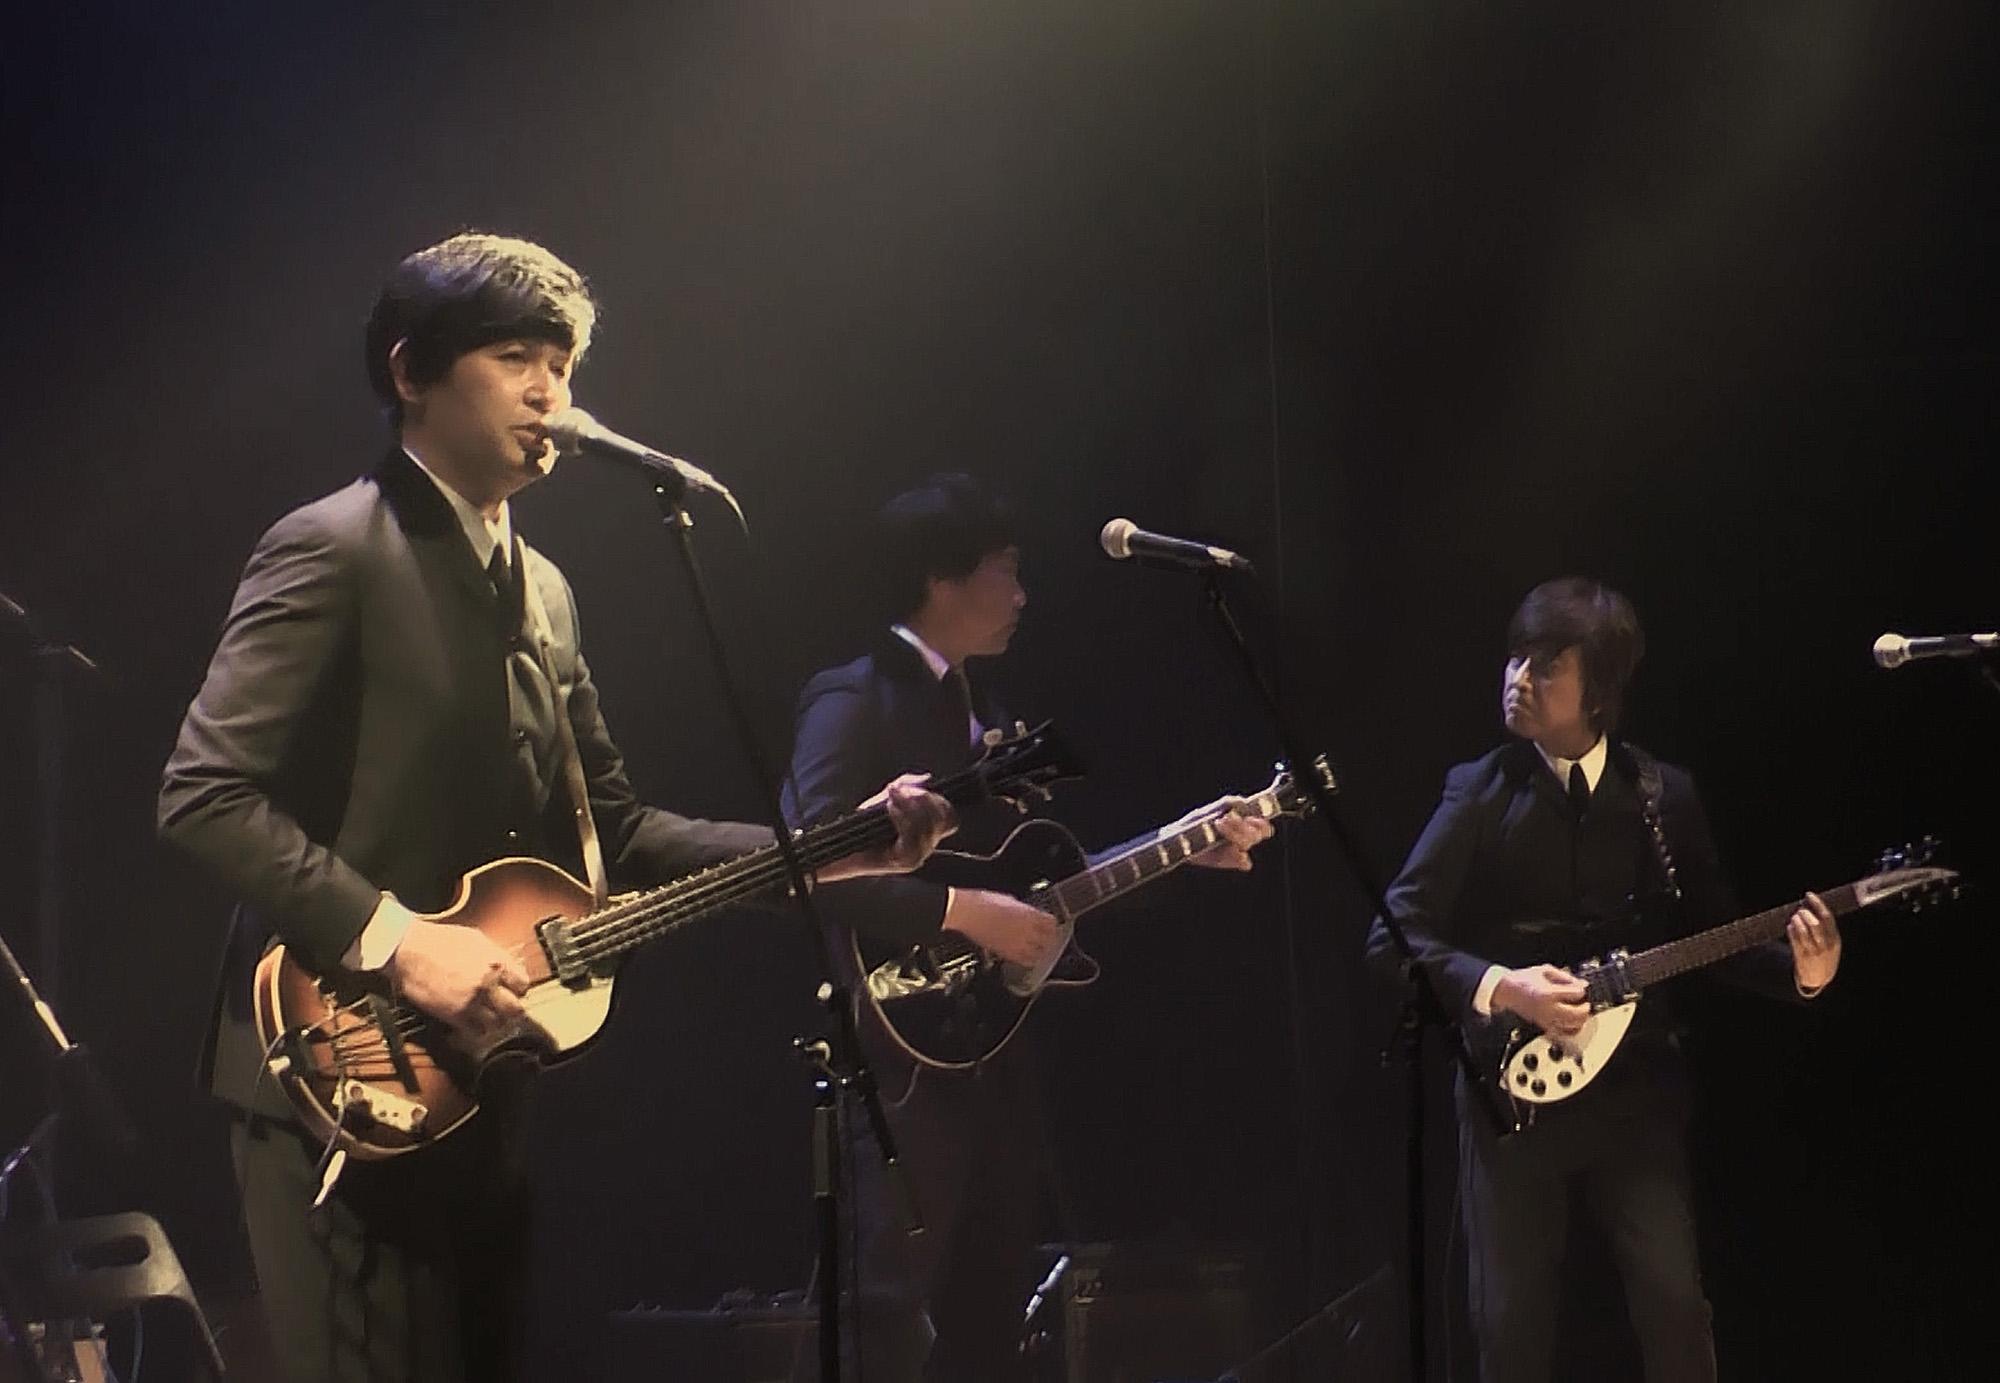 福岡市内でのライブの様子